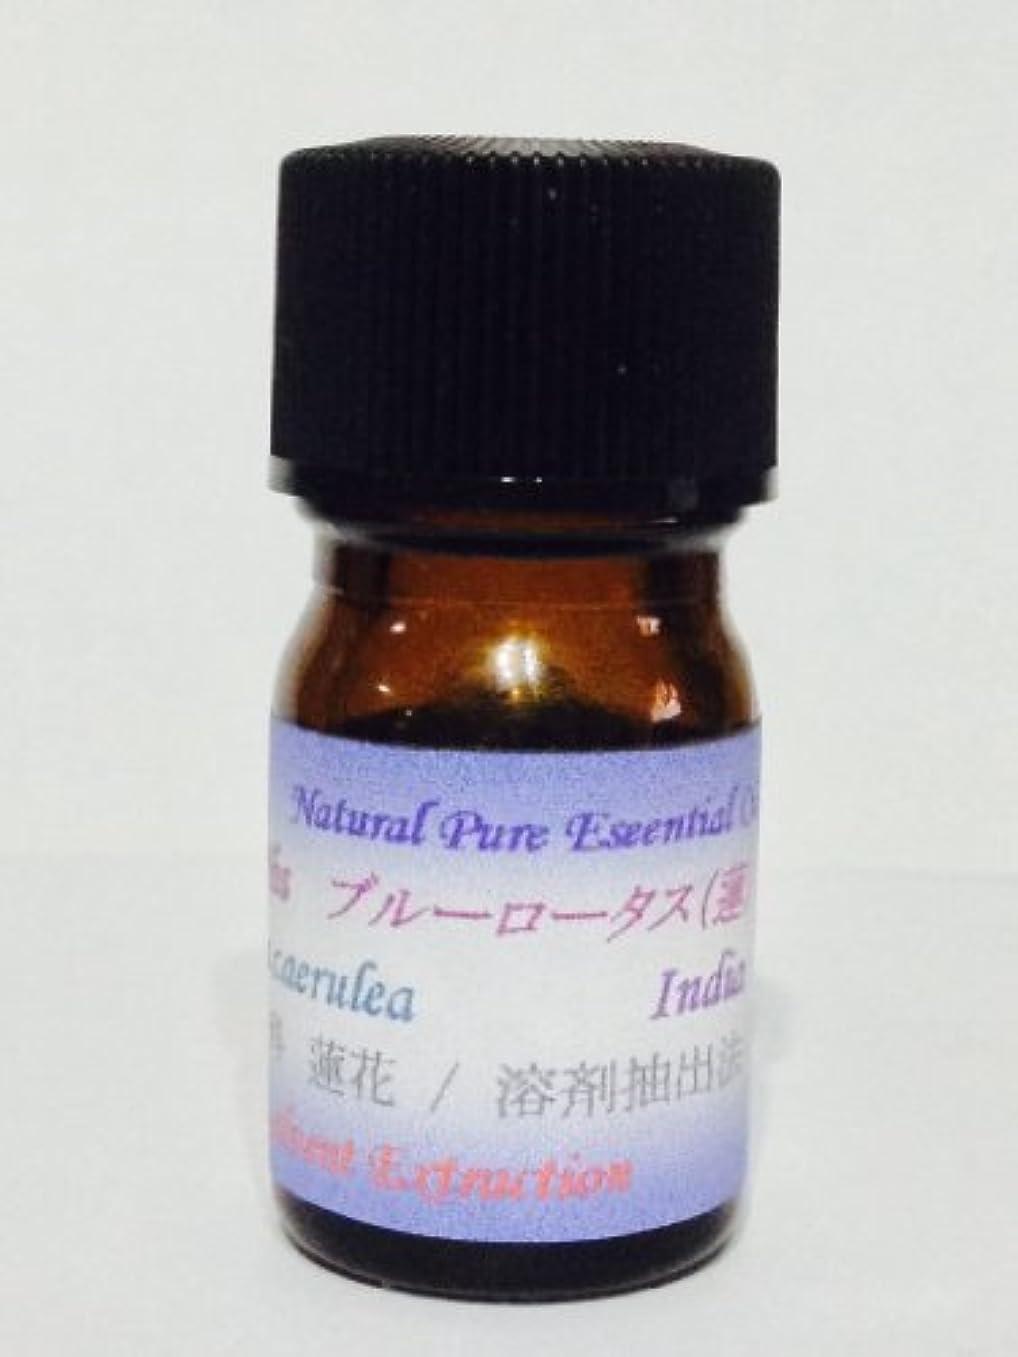 差別化する決定ソースブルーロータスAbs25% (アブソリュード) 天然精油 5ml エセンシャルオイル 天然アロマ